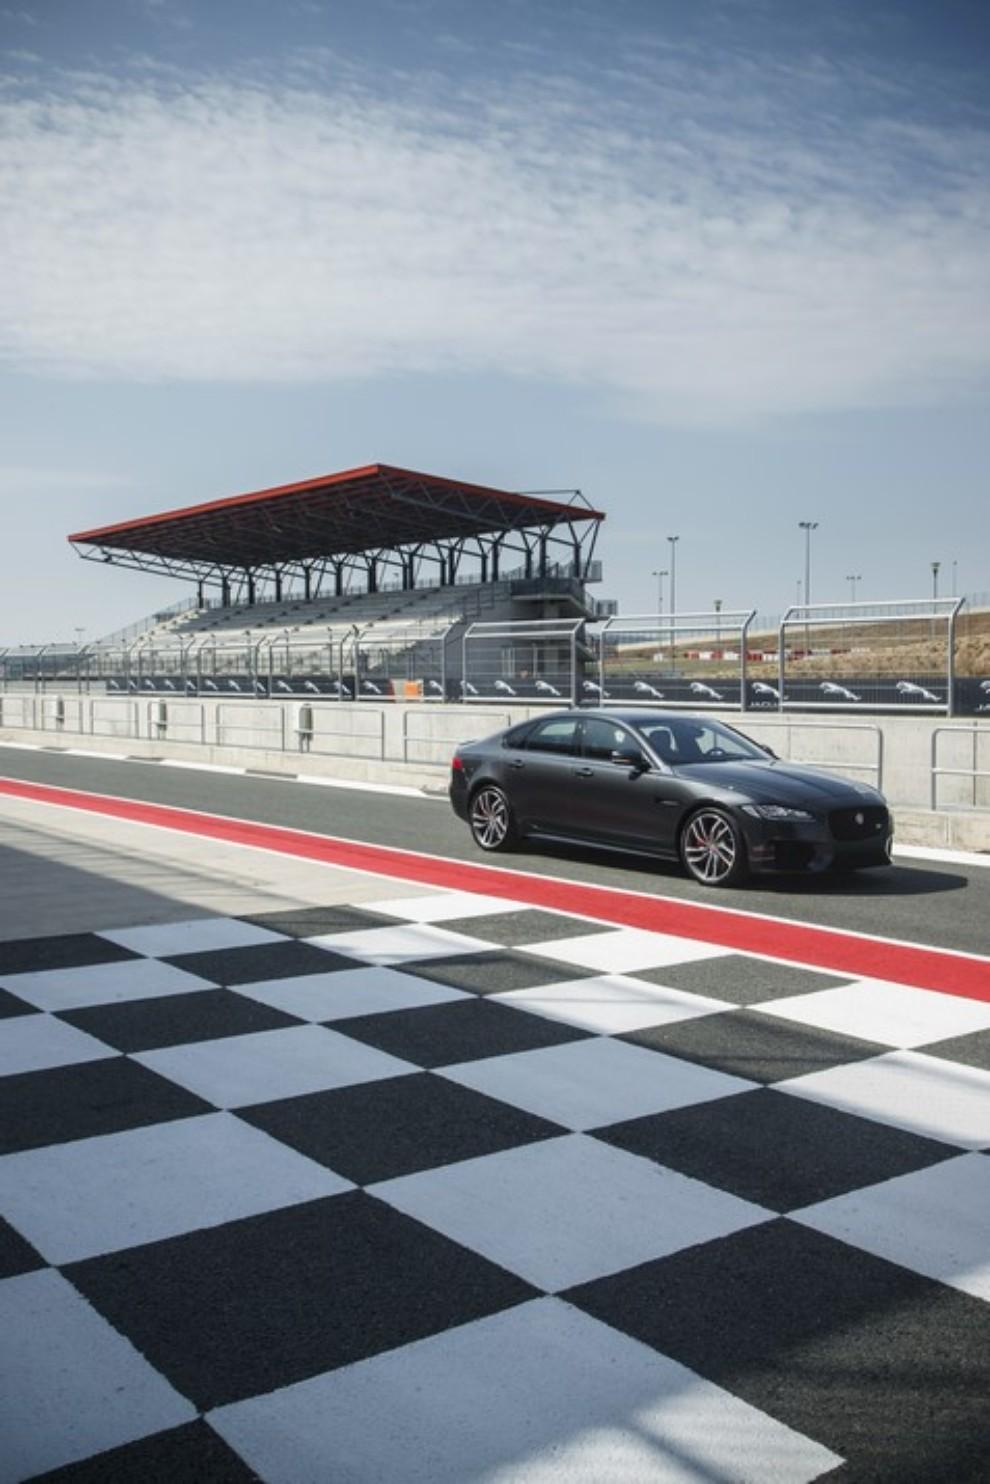 Nuova Jaguar XF prova su strada e su pista - Foto 15 di 37